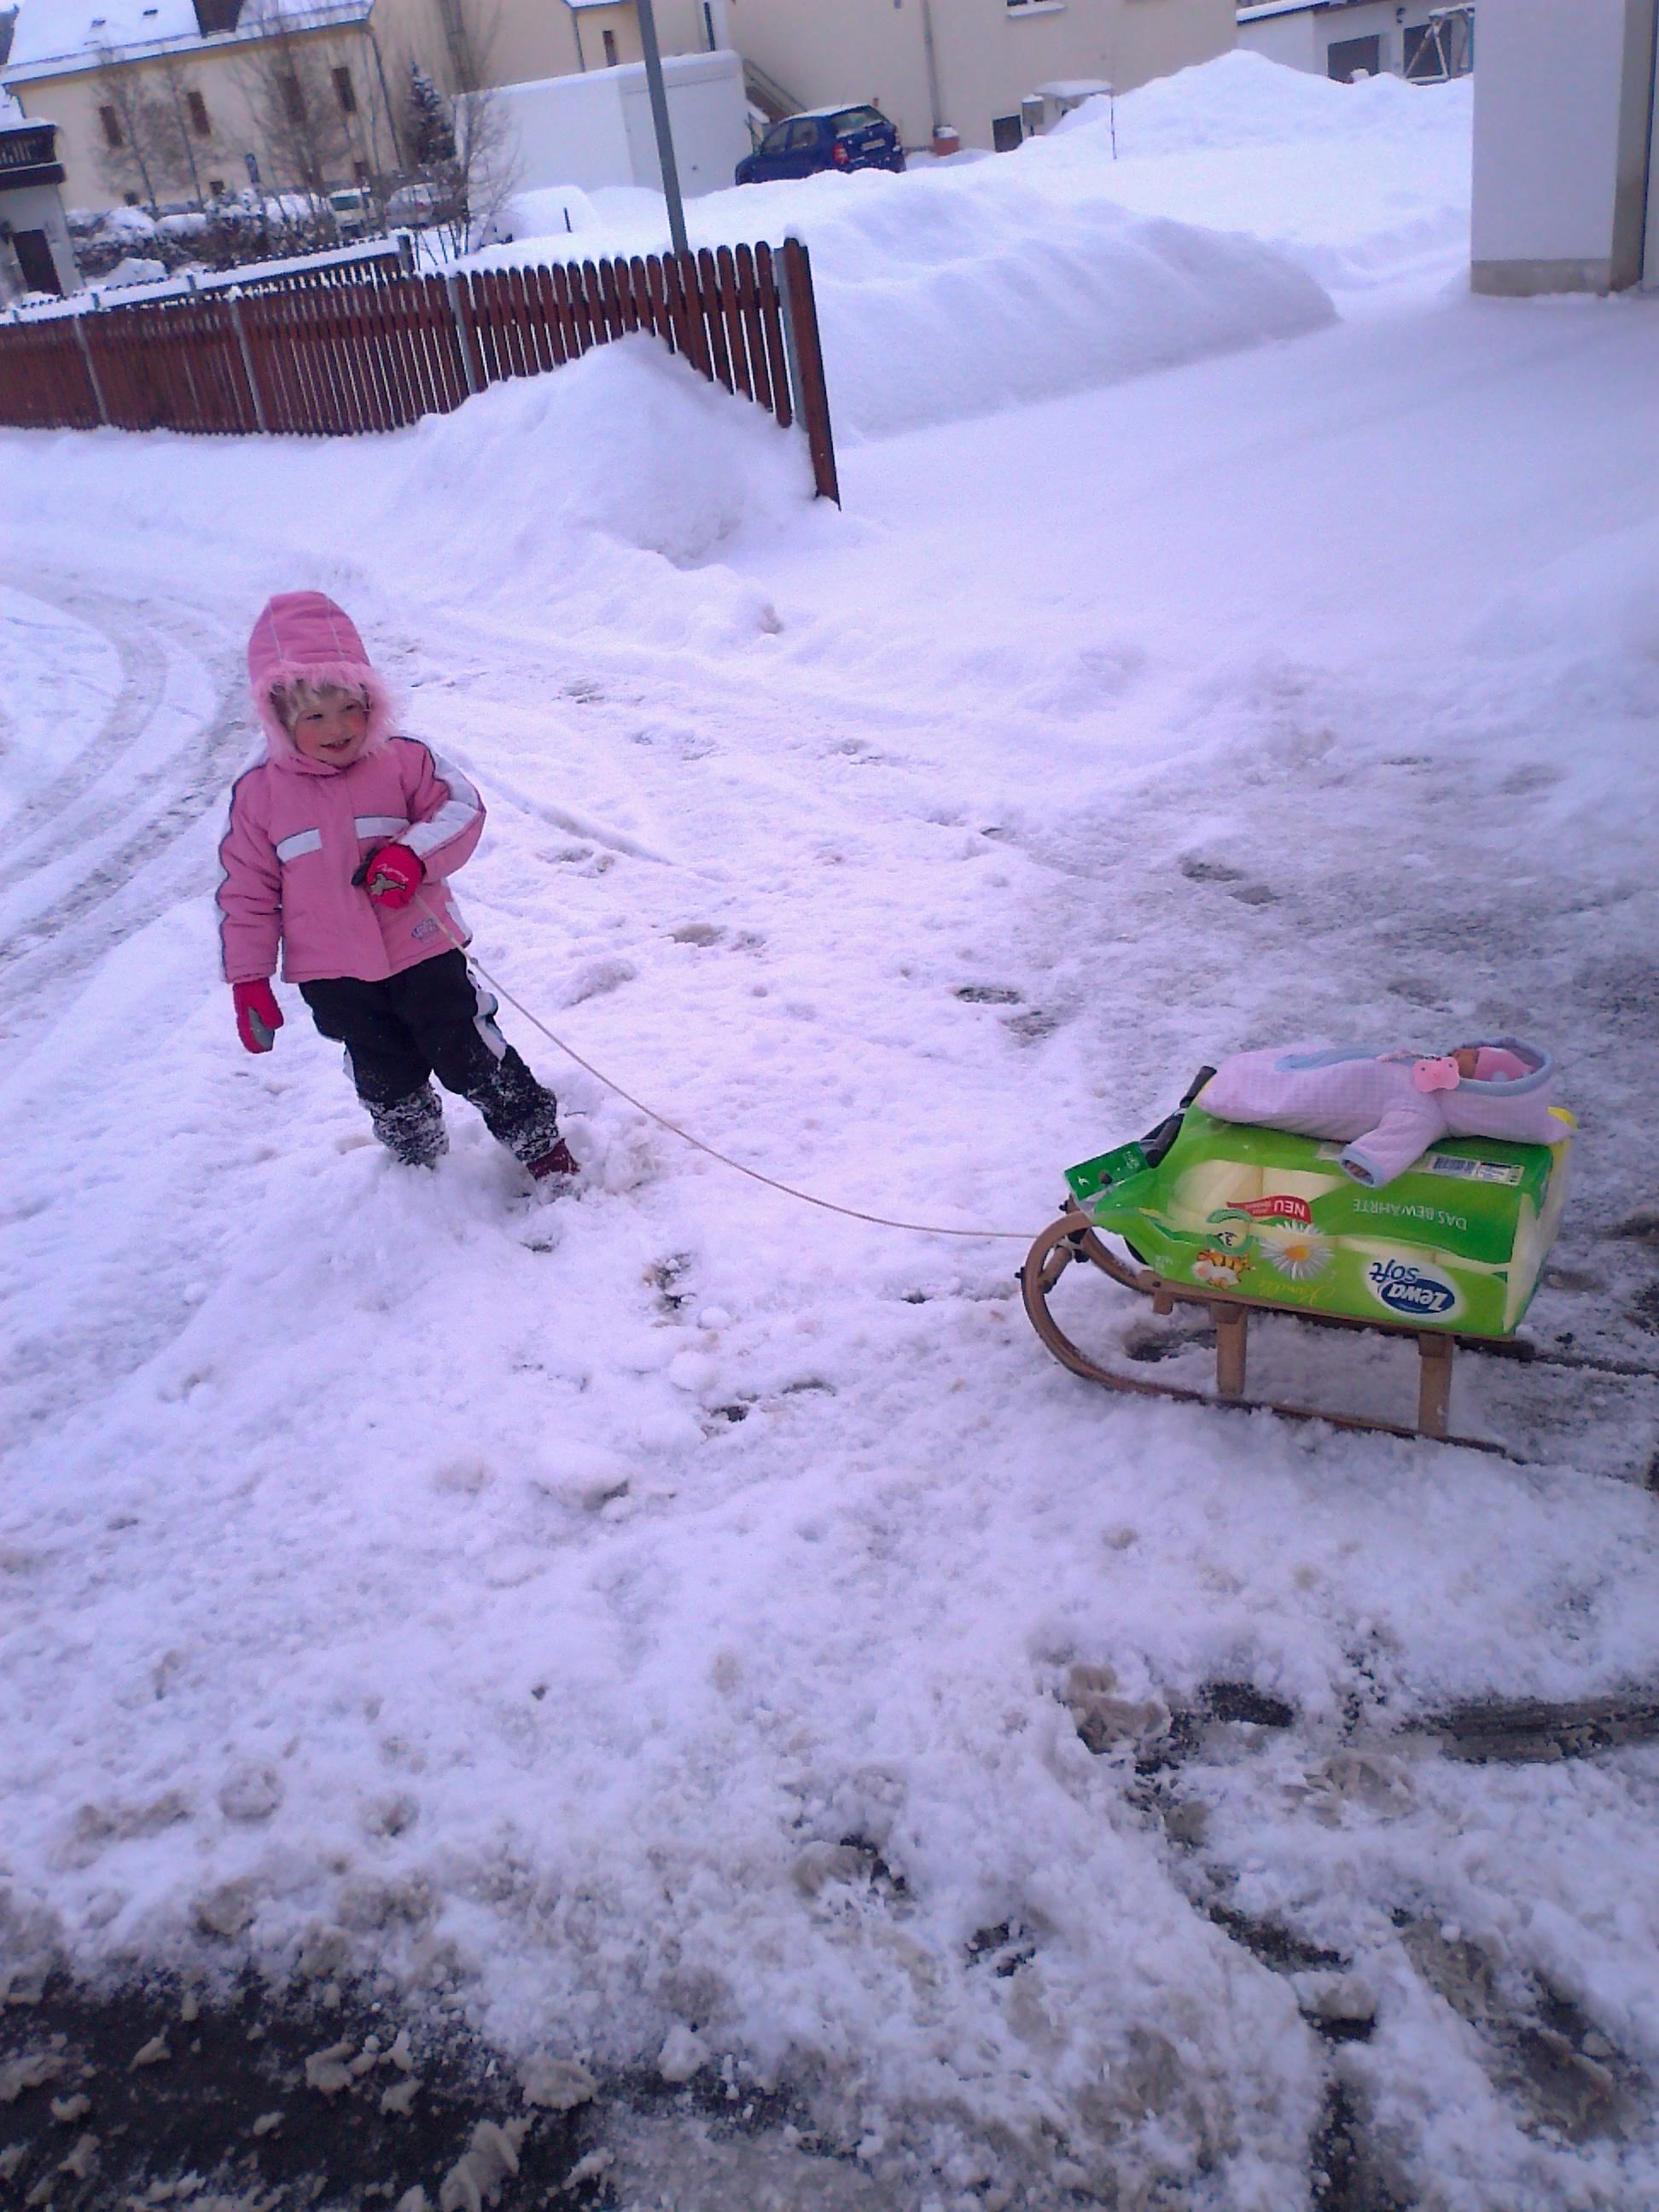 Laura hilft im Winter beim Transport.